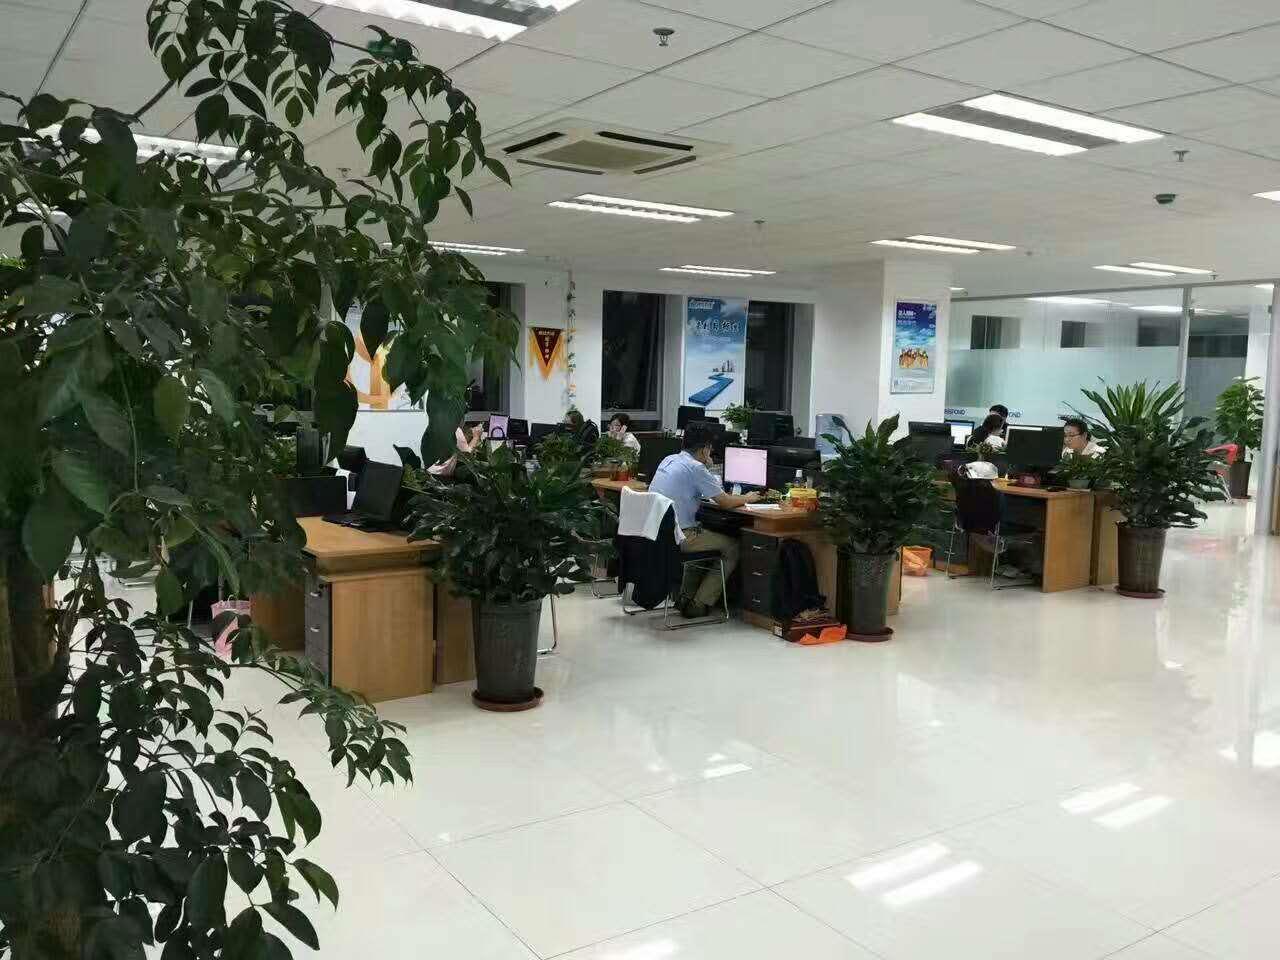 锐仕方达(北京)人力资源顾问有限公司济南分公